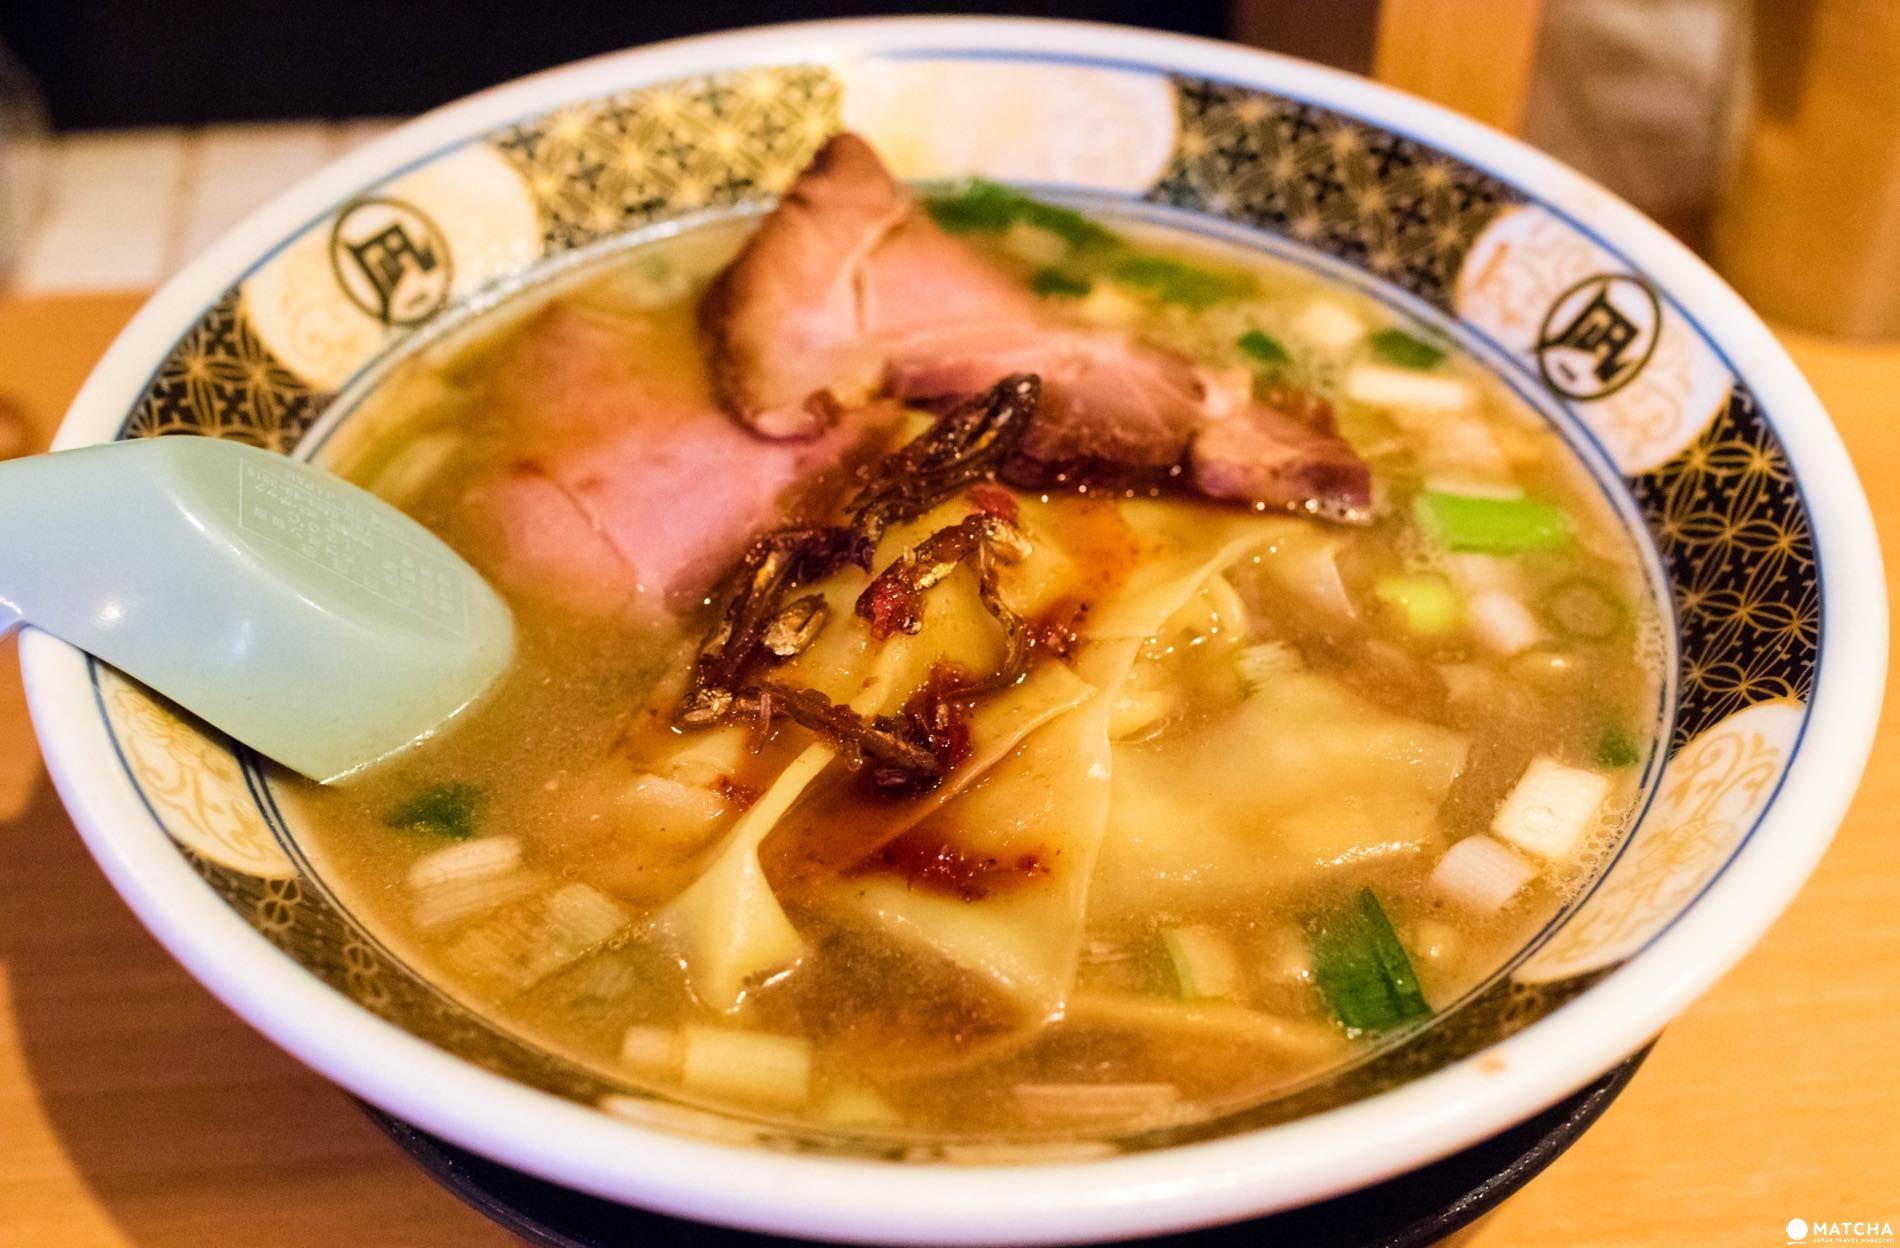 新宿含め複数の店舗がある「すごい煮干ラーメン凪」の「すごい煮干ラーメン¥820」。個性的ながら食べやす煮干しラーメンで美味しい。